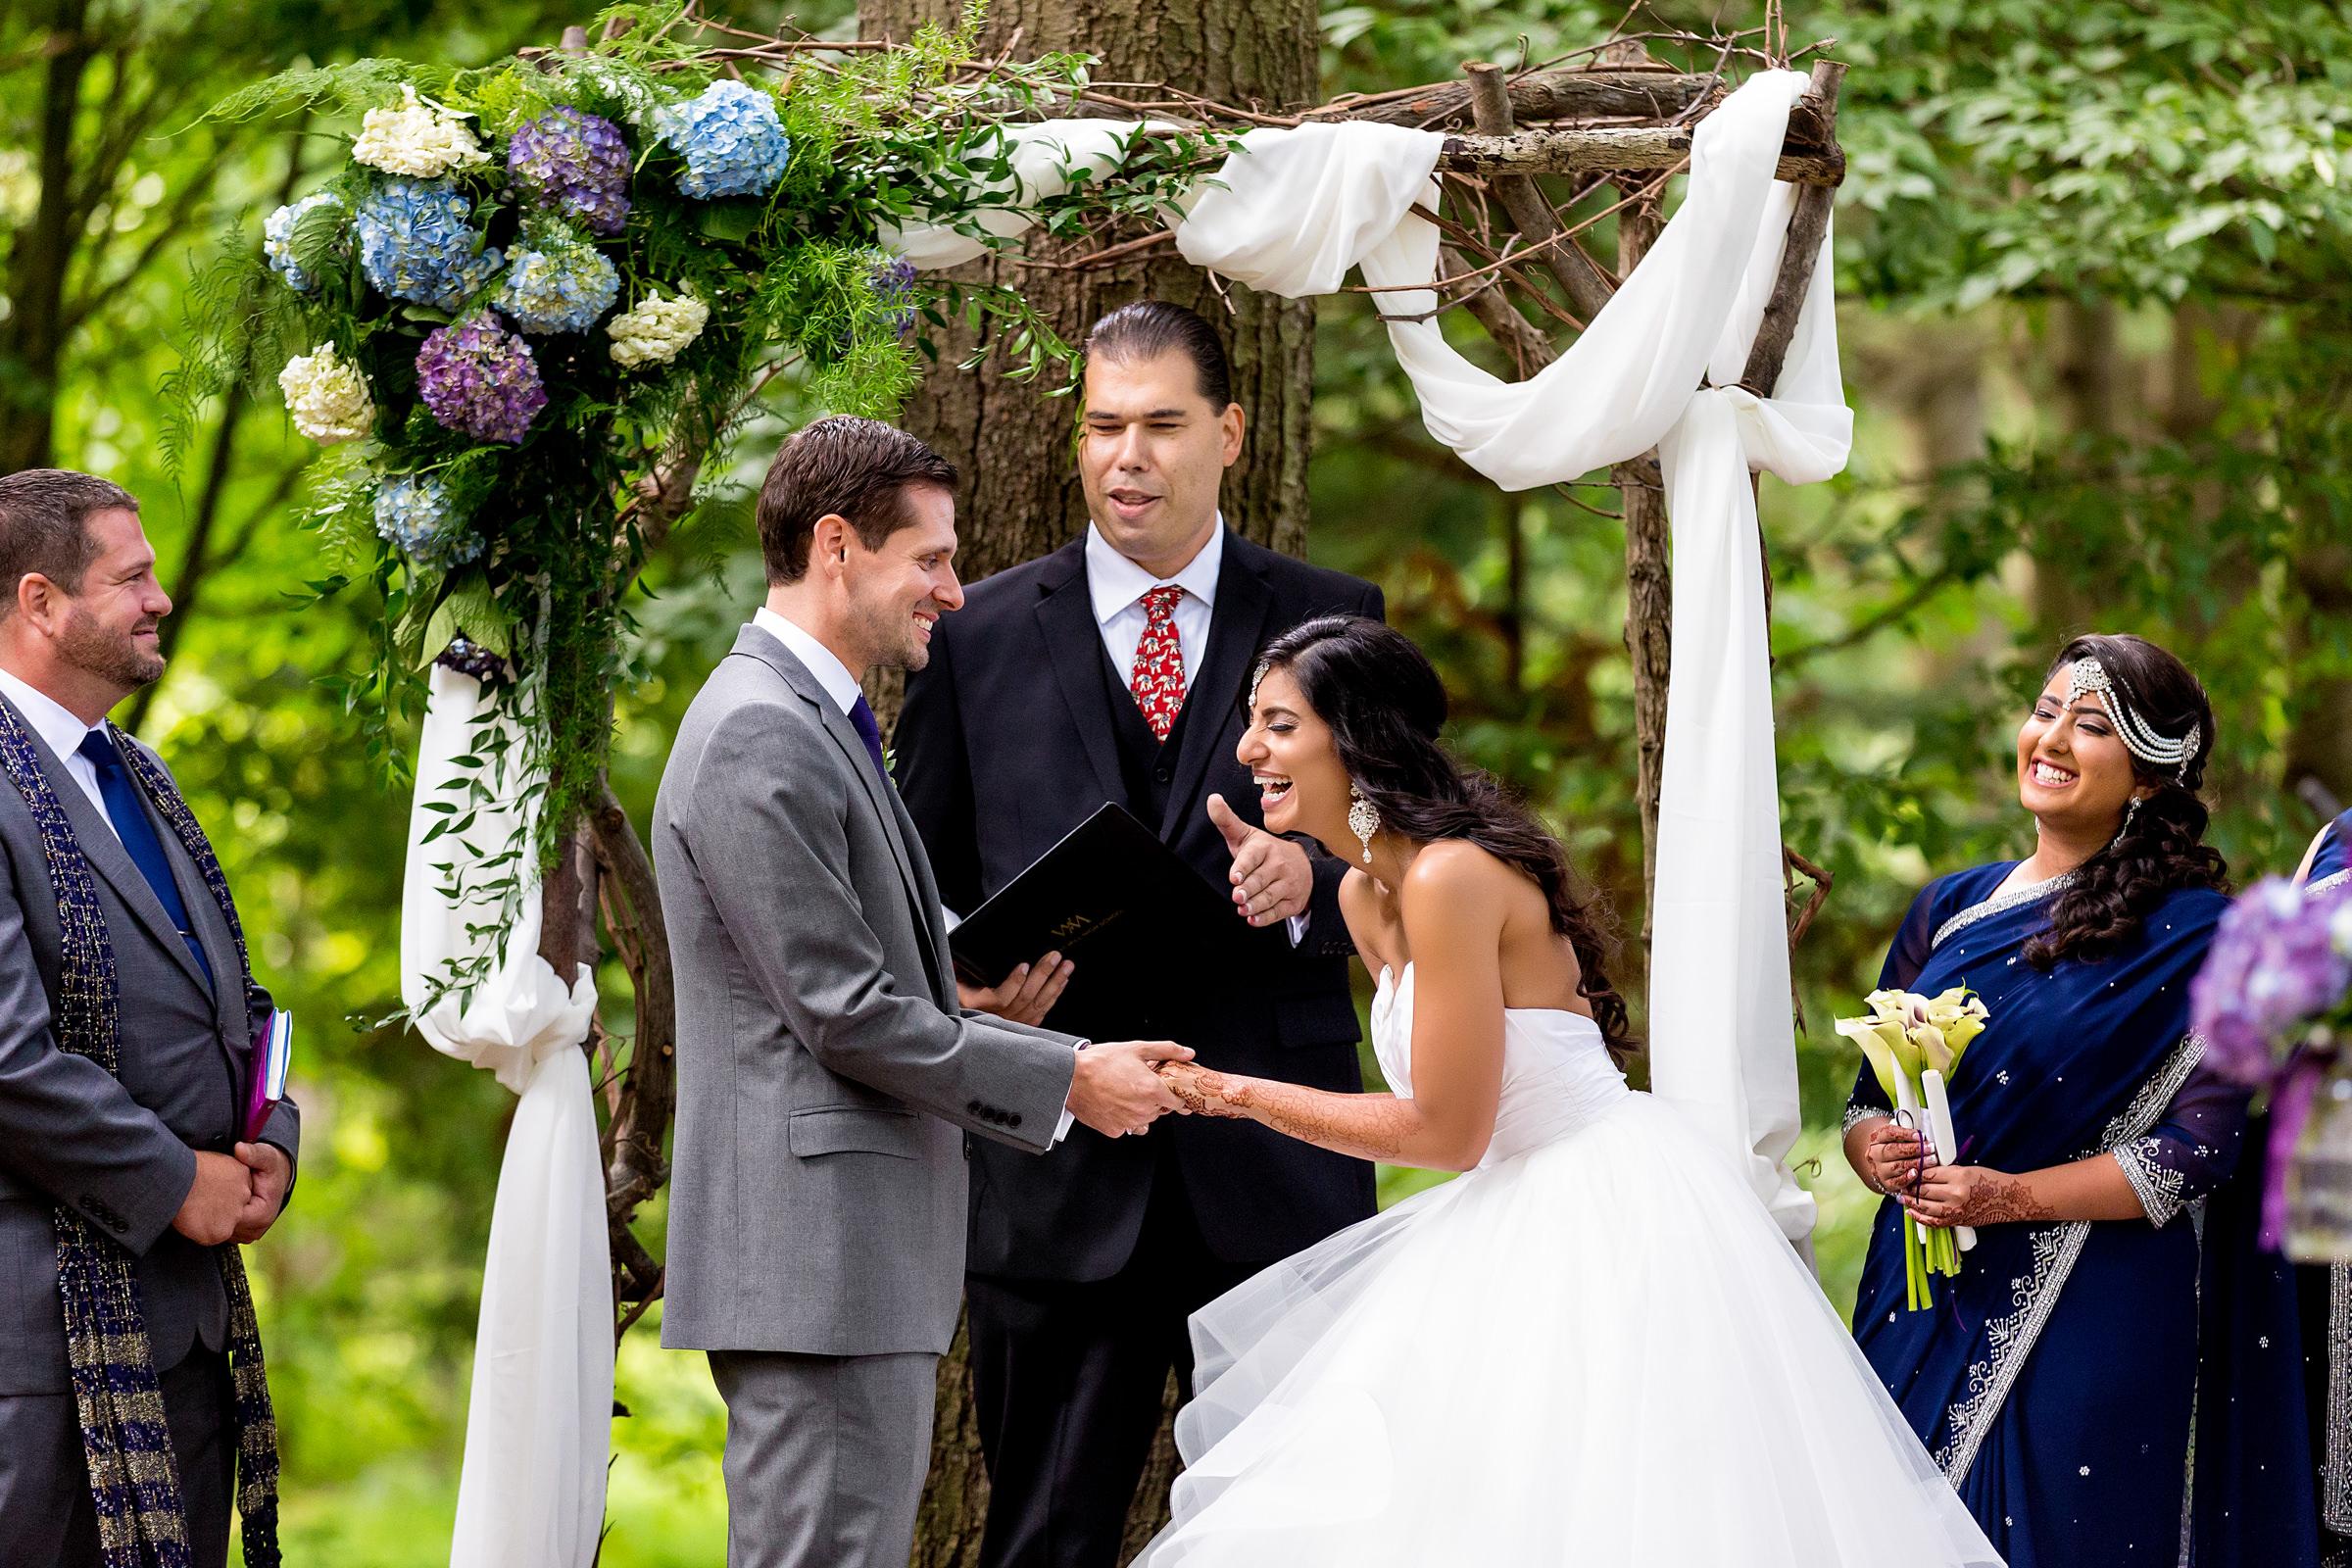 bride-laughs-during-ceremony-under-arbor-procopio-photography